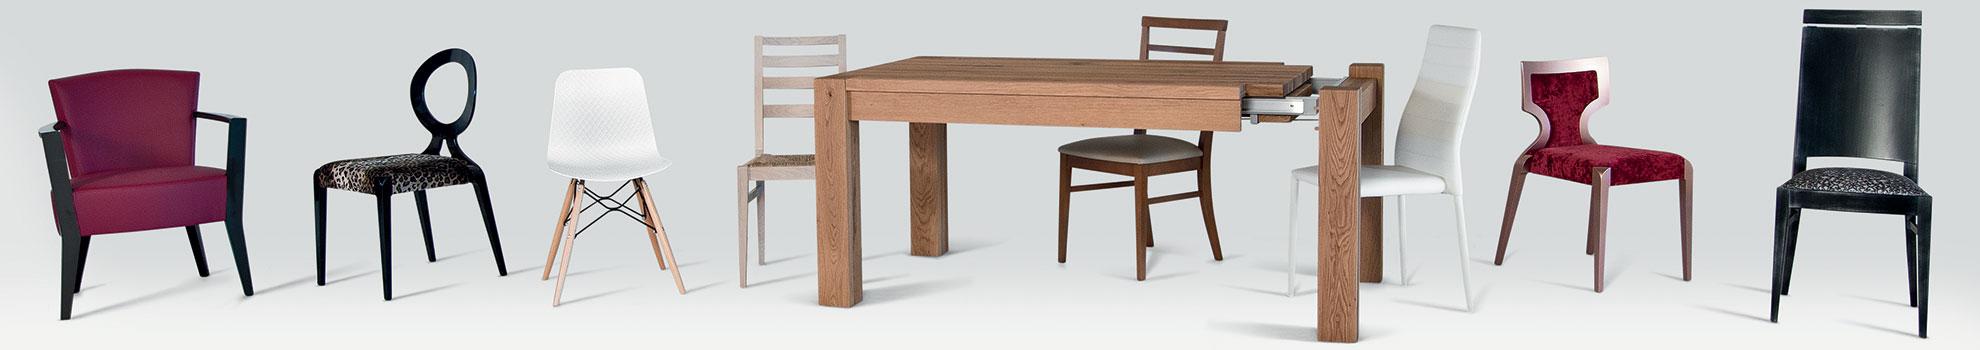 bissoli sedie tavoli